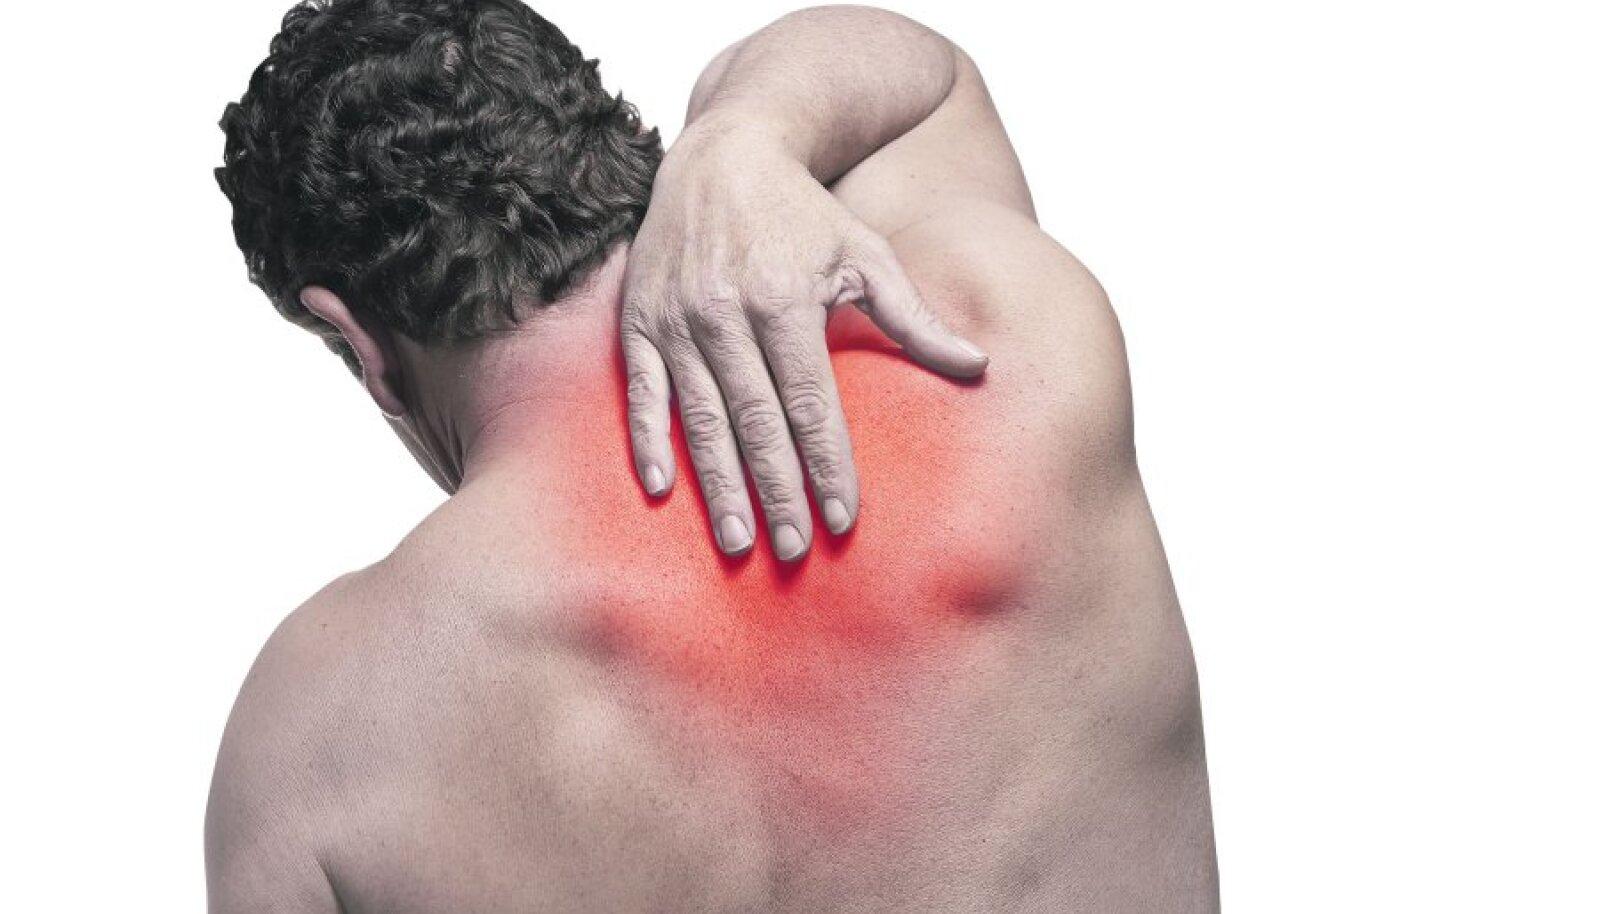 Mis salv on parem kui valu liigestes ja lihastes Folk viise, kuidas ravida artriit kaed